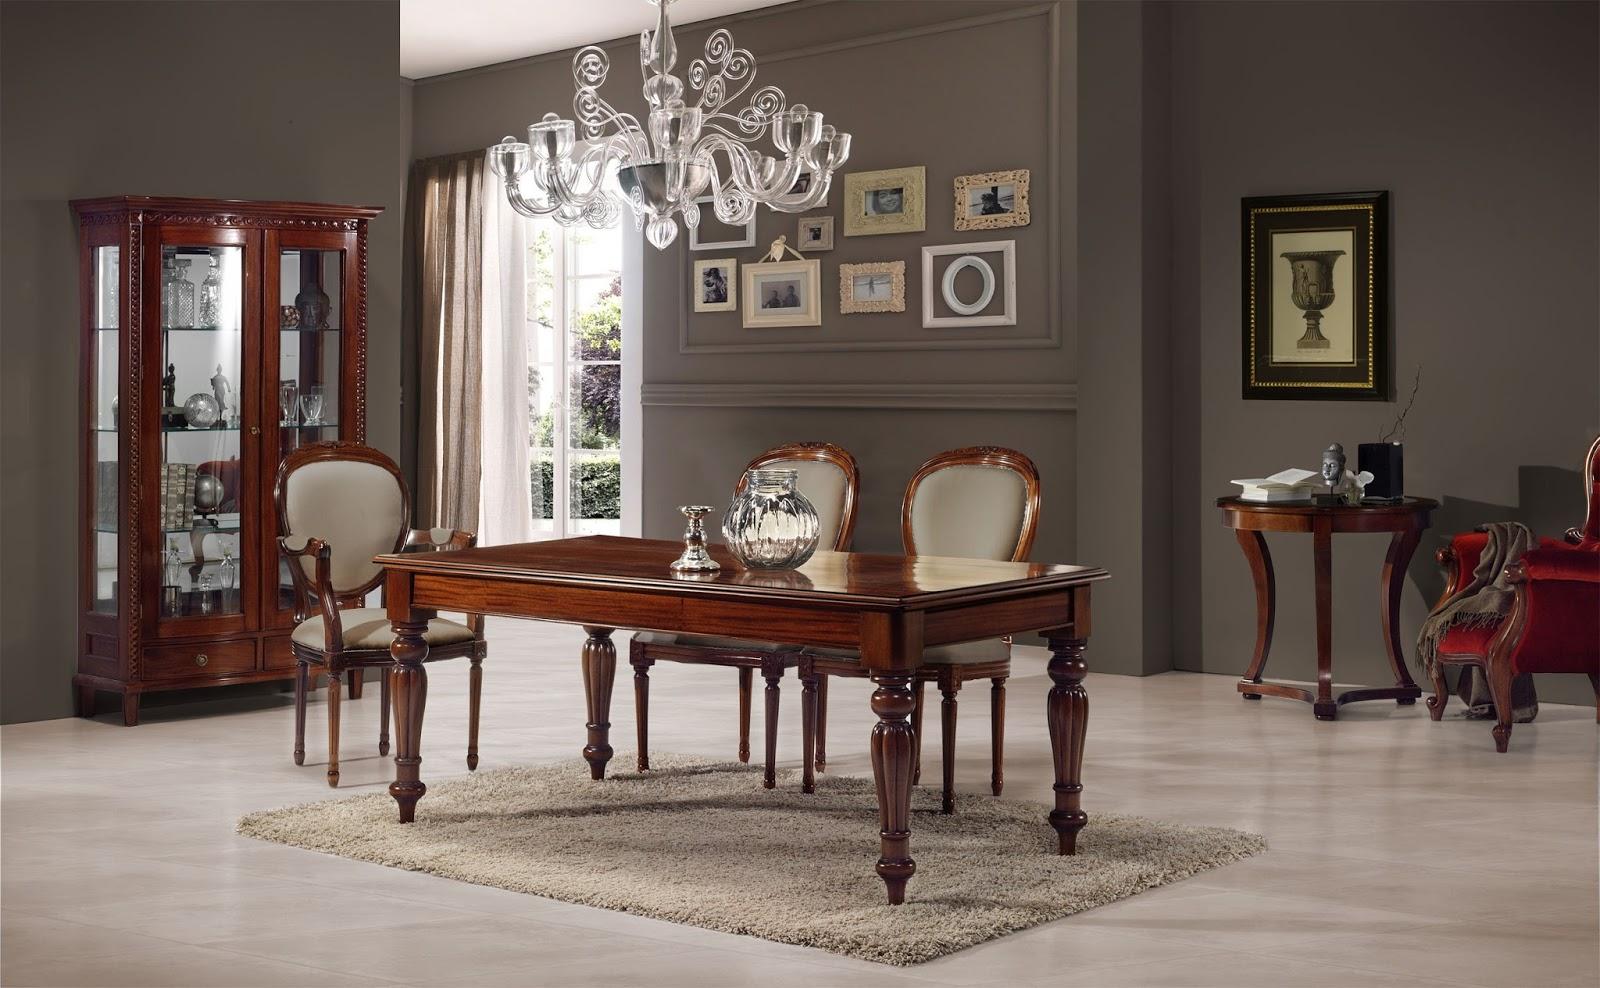 Muebles de comedor comedores clasicos ejemplo de elegancia for Colores de muebles